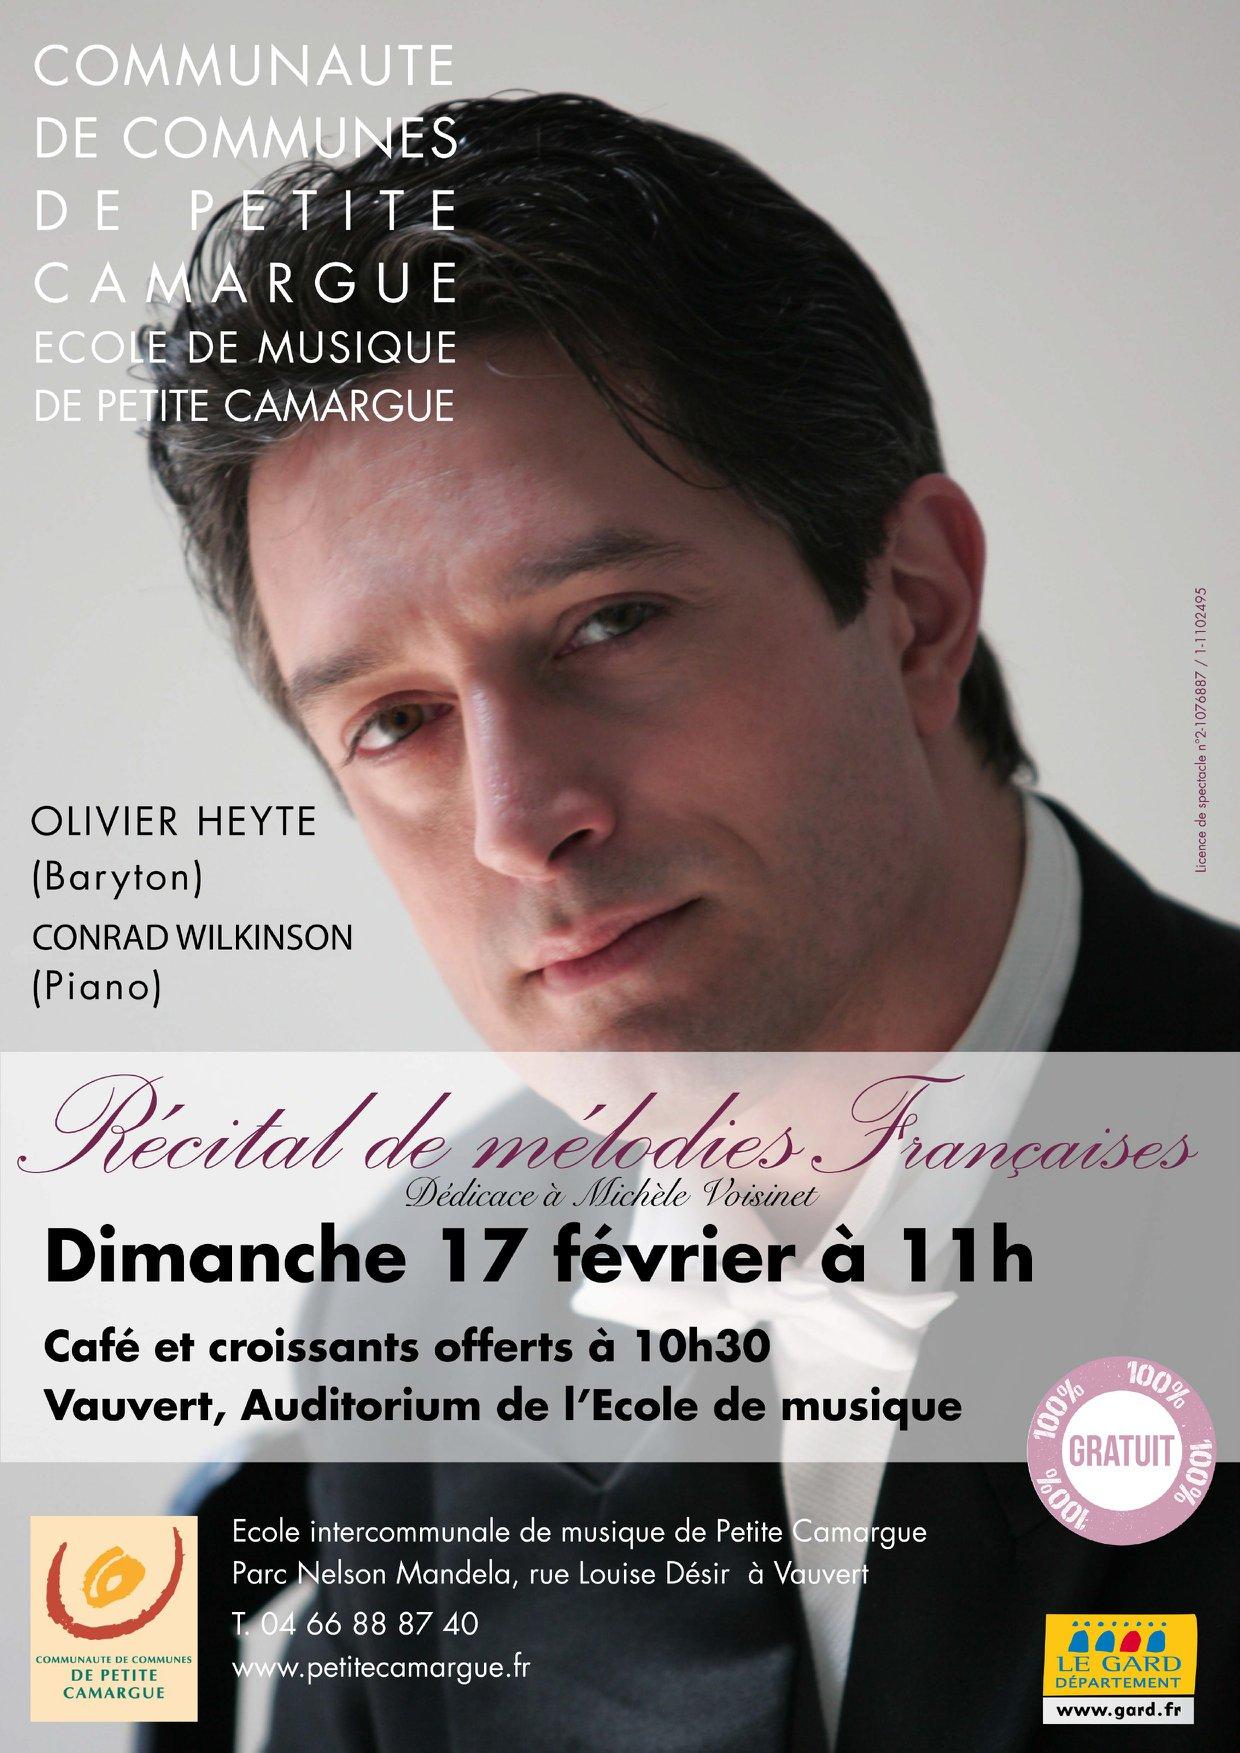 Récital de mélodies françaises @ Auditorium de l'école de musique